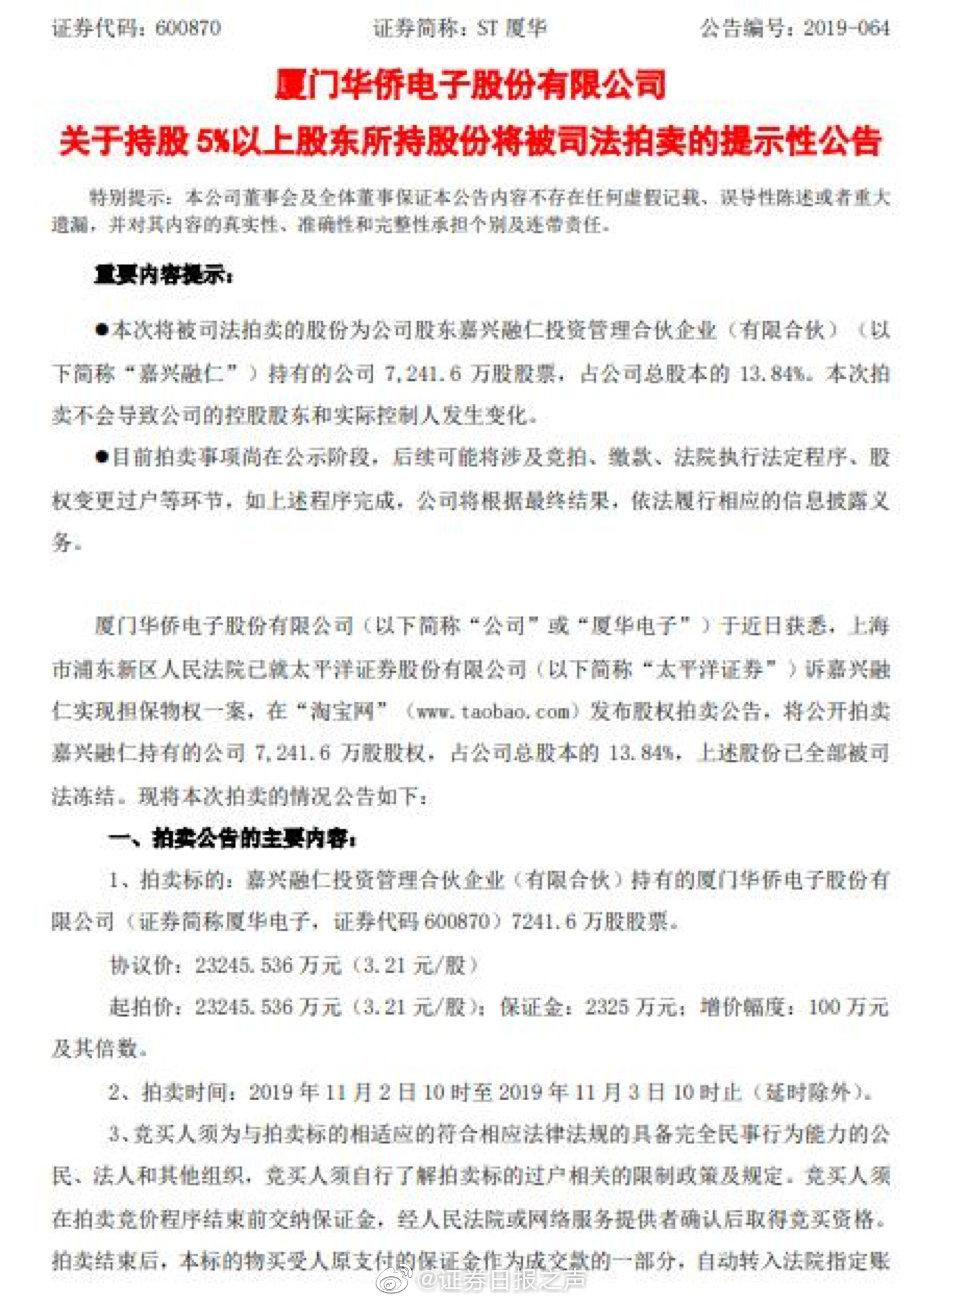 ST厦华:嘉兴融仁所持公司13.84%股权将被司法拍卖